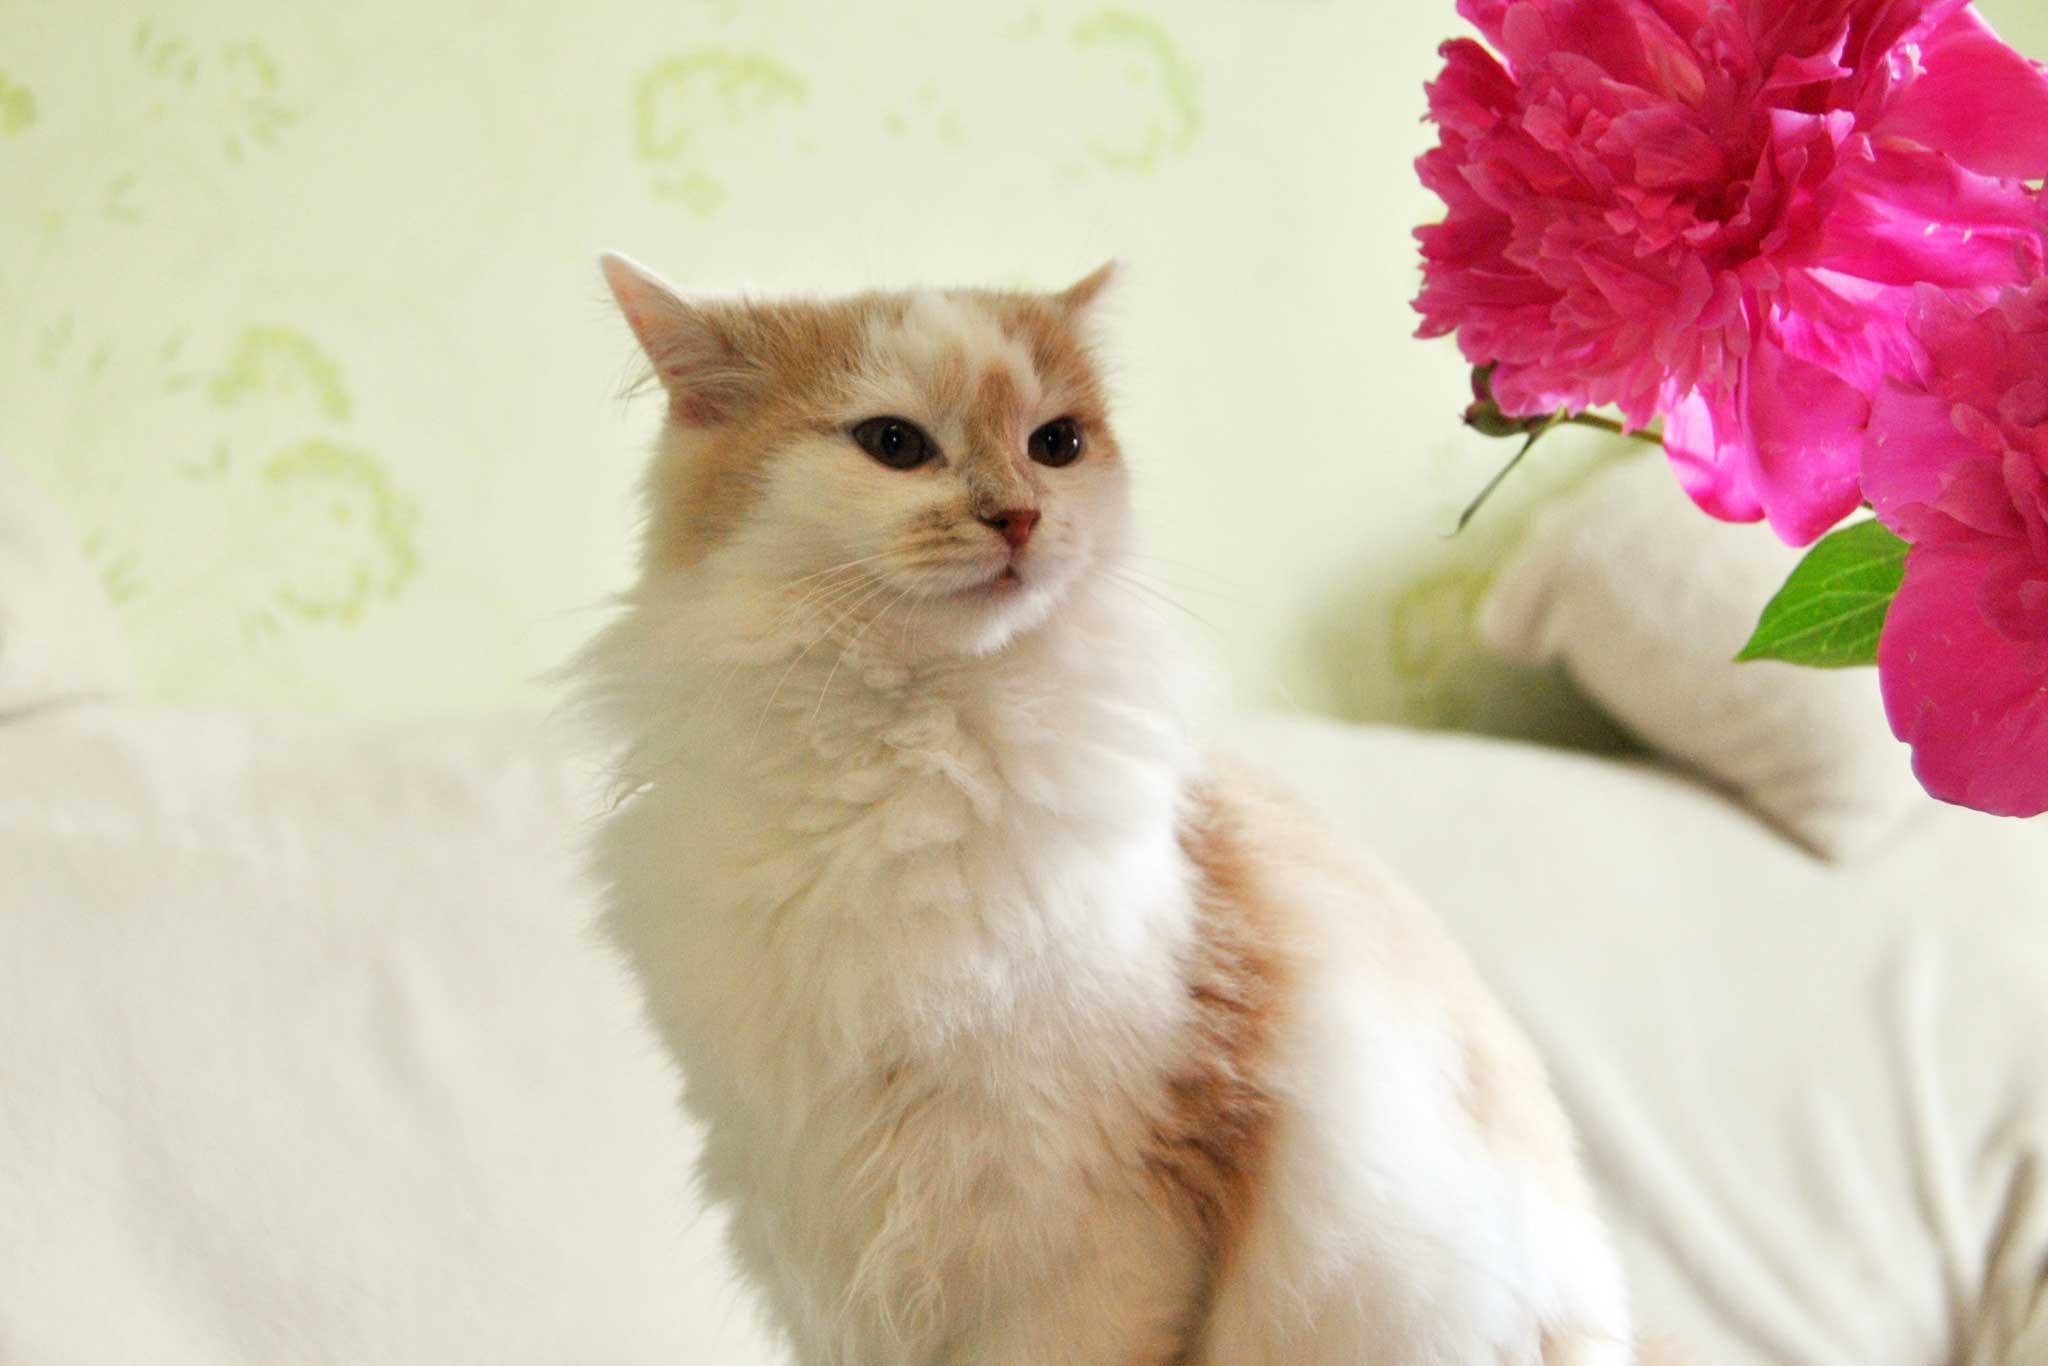 Акция: скидка 20% на стерилизацию кошки по предварительной записи на операцию стерилизации в Москве в 2019 году